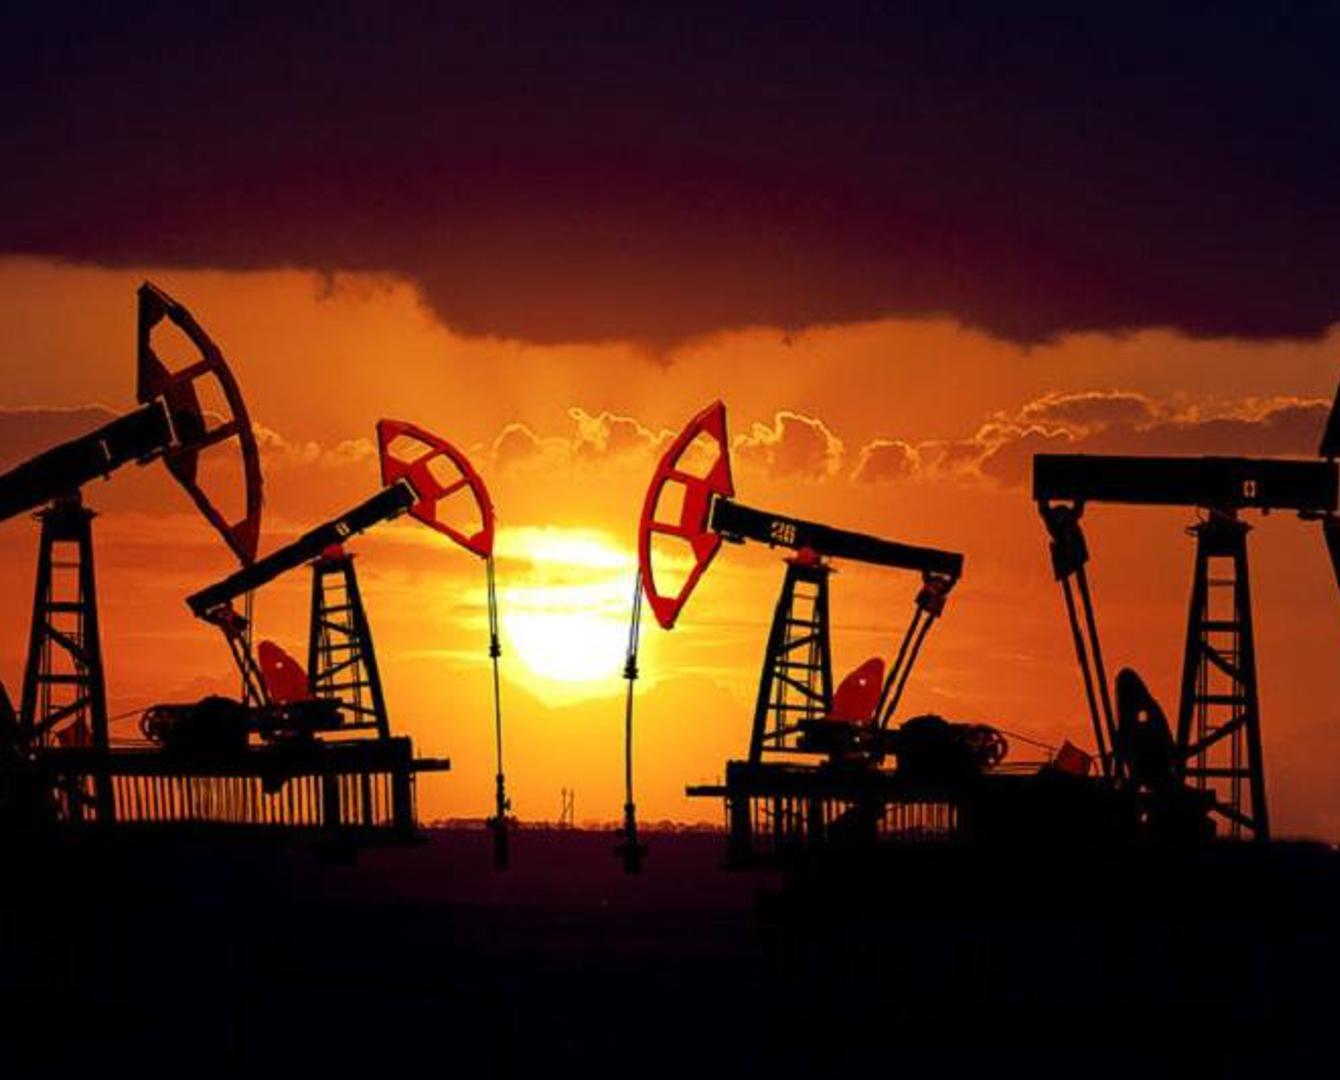 Казахстан может направить на внутренний рынок 15% тенгизской нефти